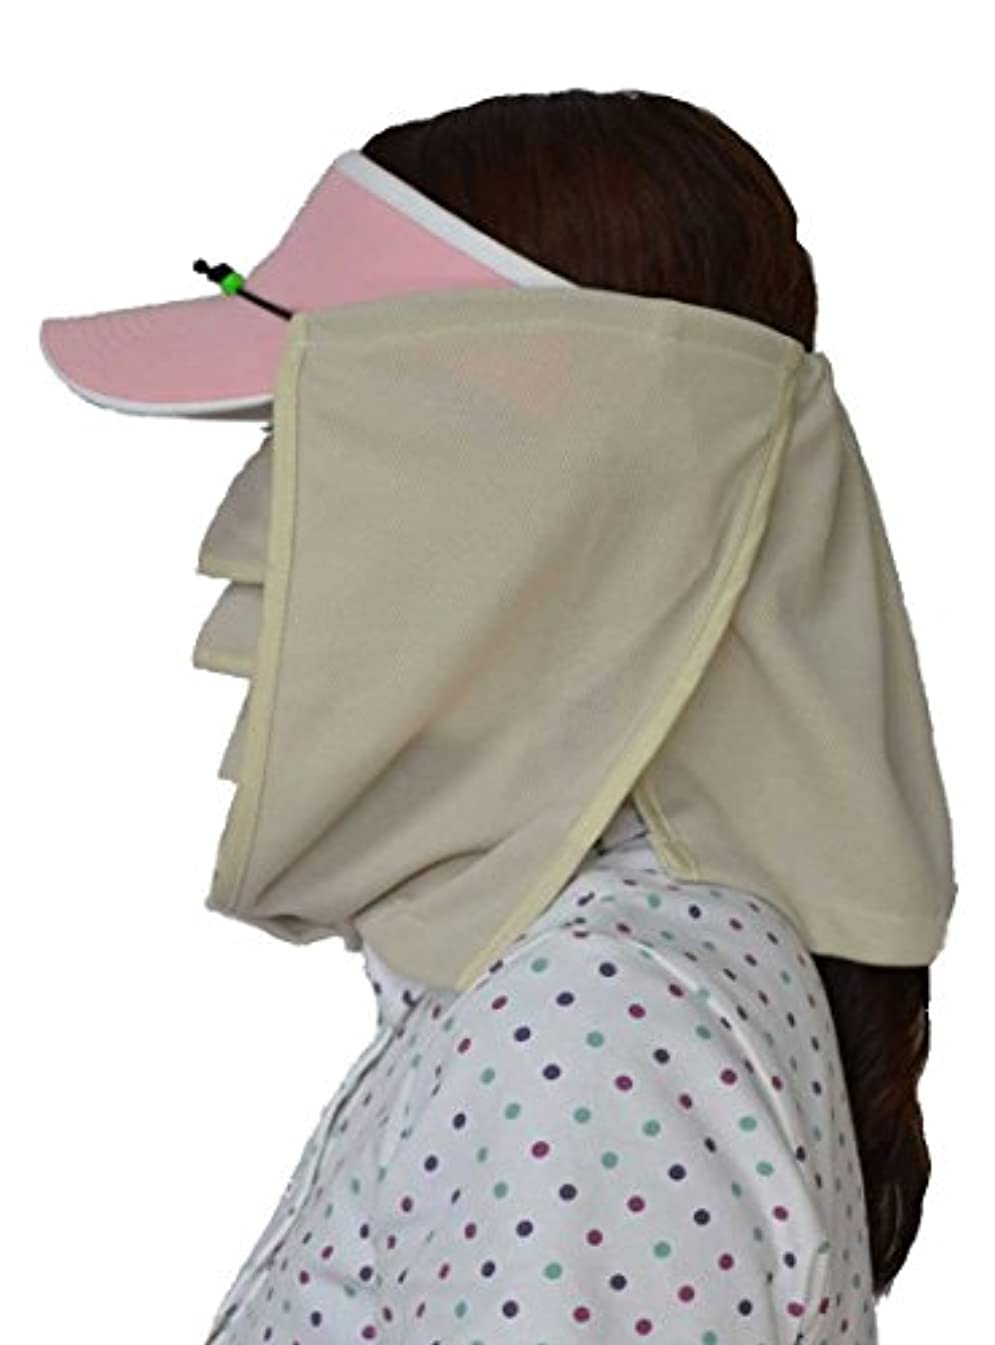 タウポ湖汚物魅力的であることへのアピールUVマスク?マモルーノ?とUV帽子カバー?スズシーノ?のセット(ベージュ)【太陽からの直射光や照り返し.散乱光の紫外線対策や熱射病、熱中症対策に最適の組合せです.】